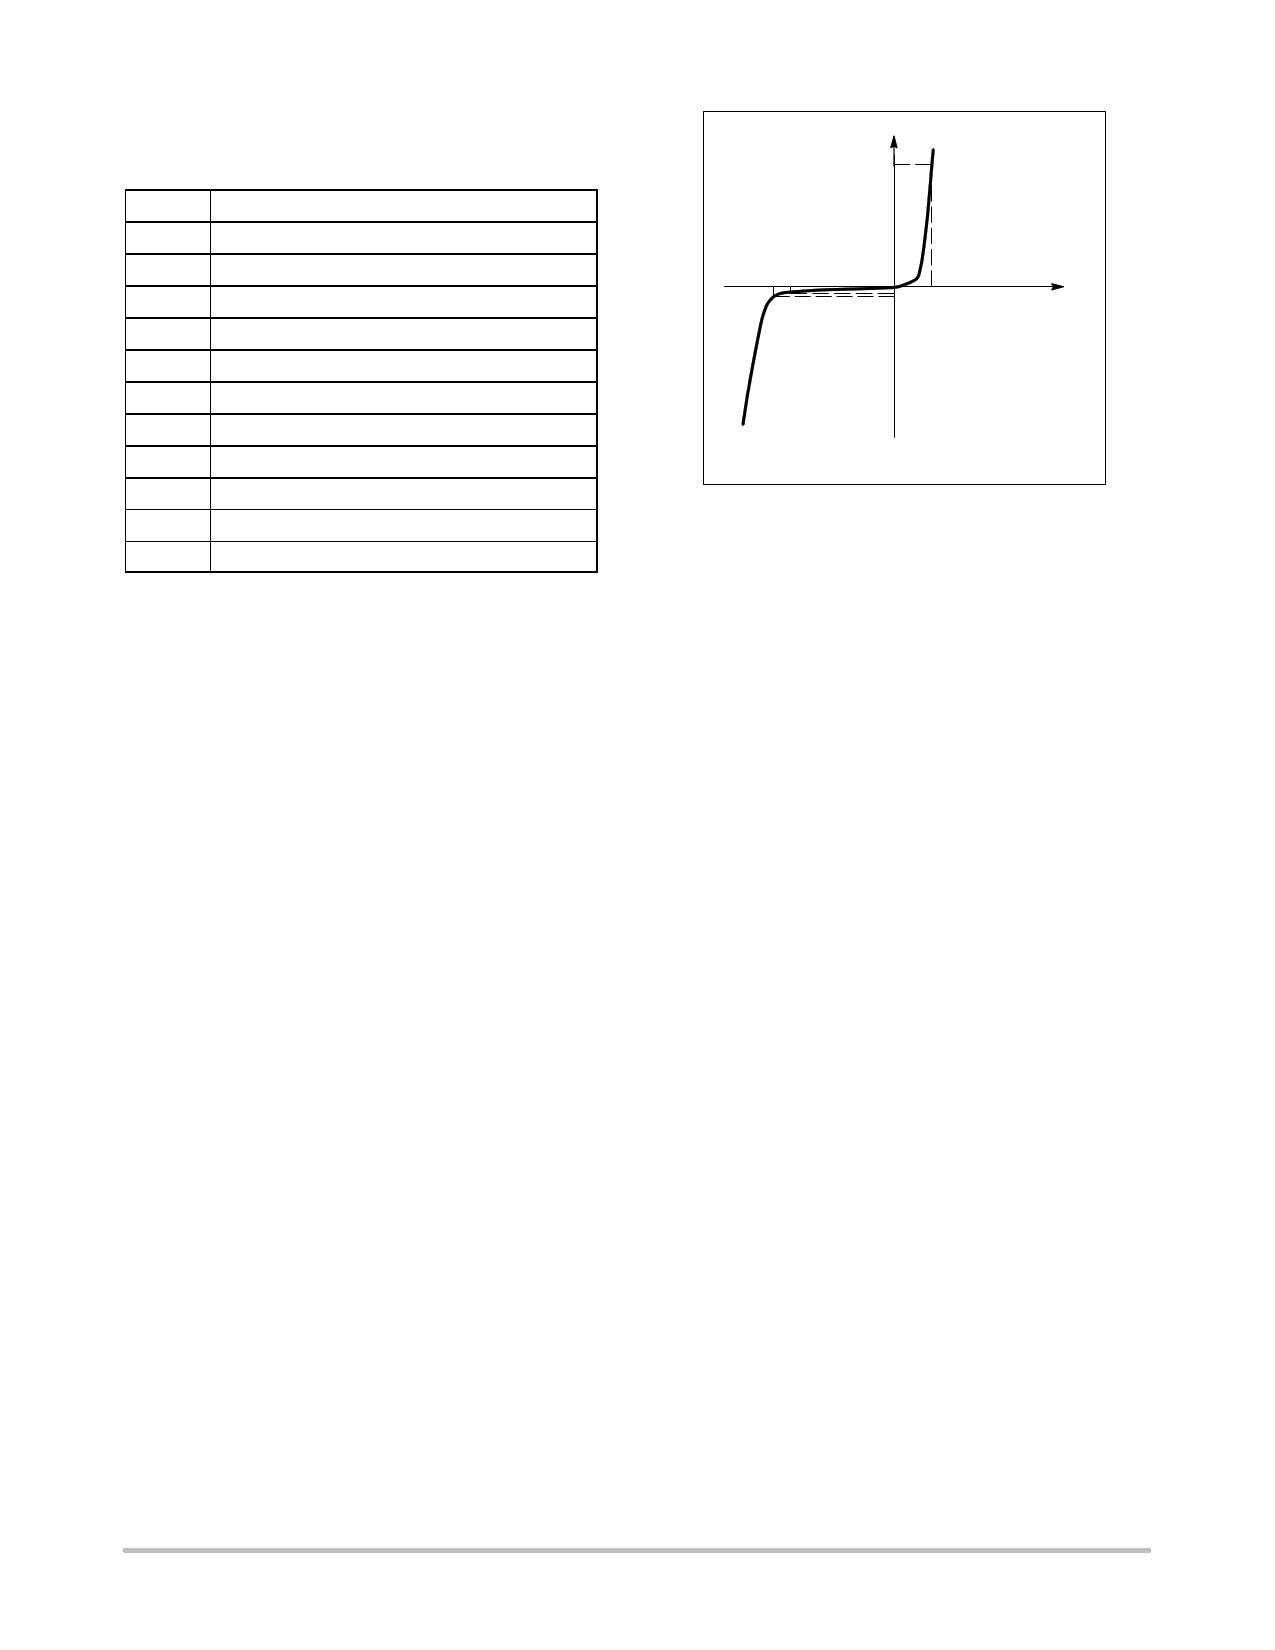 MM3Z9V1T1 pdf, schematic